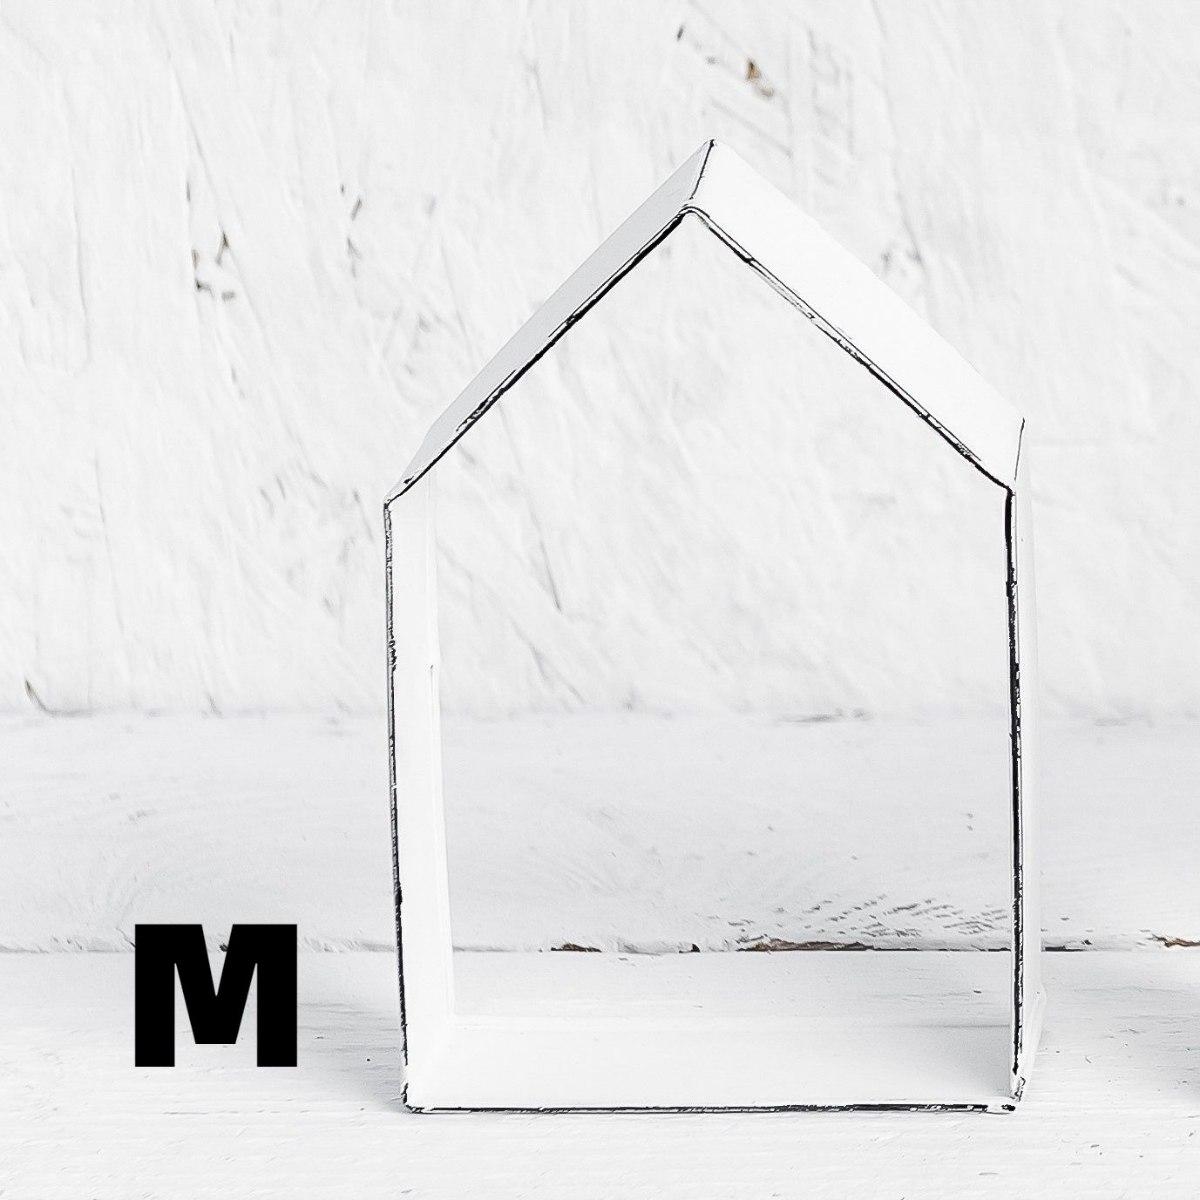 בית M - לבן